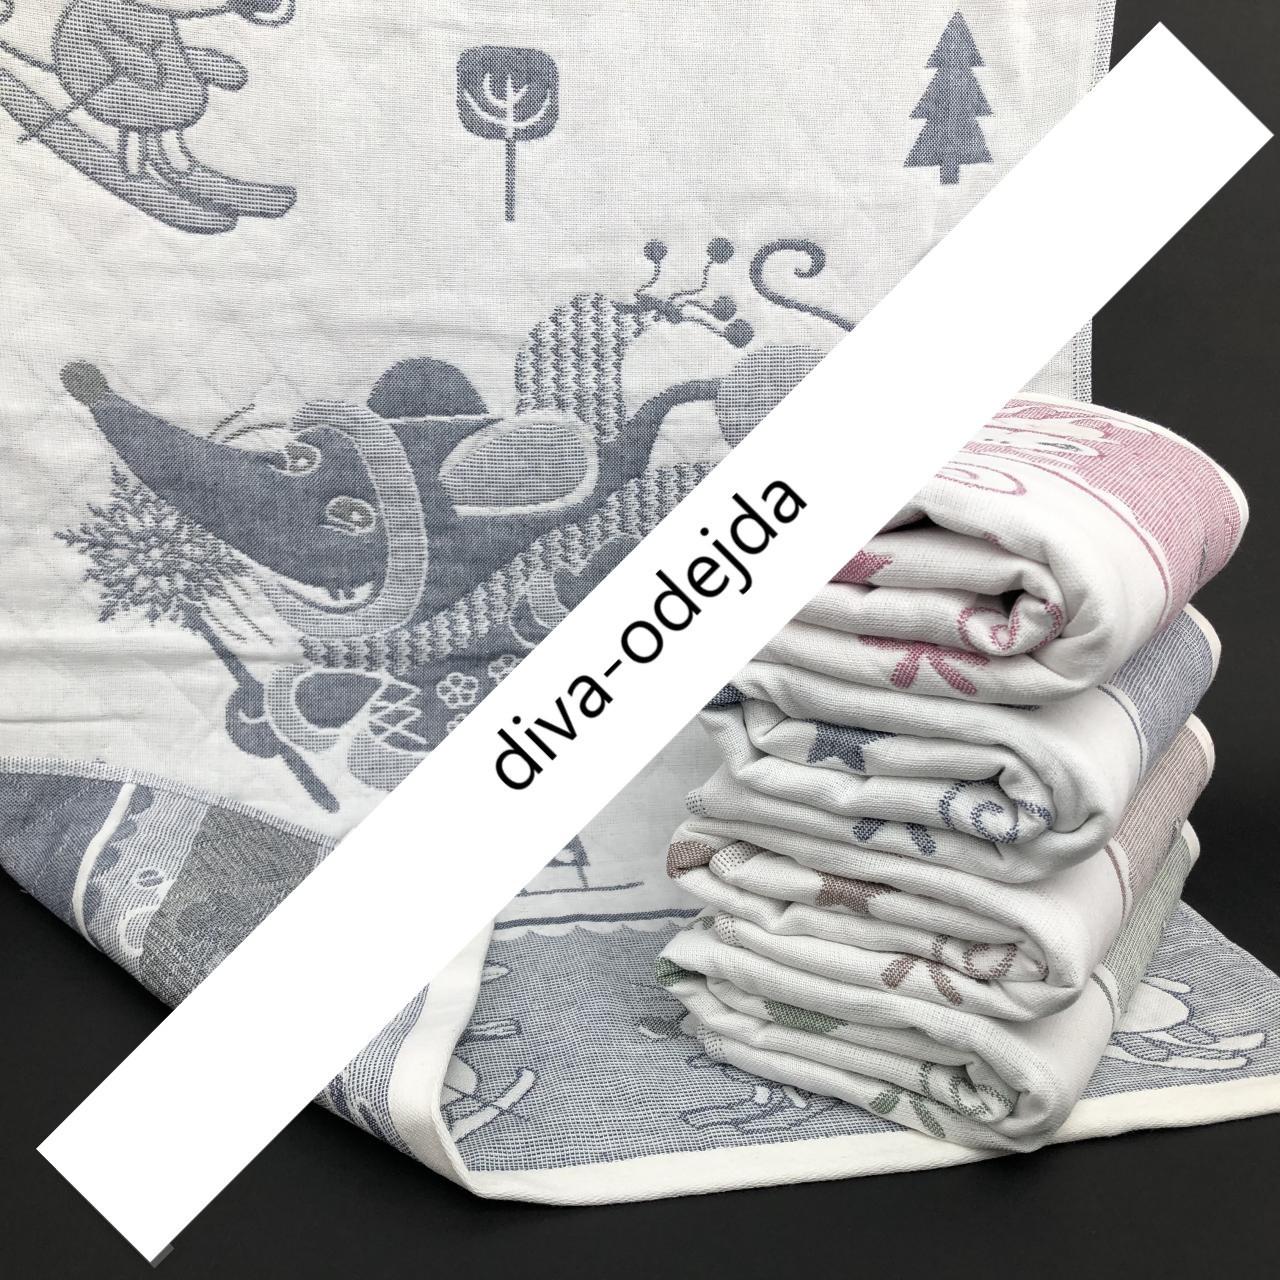 Банное полотенце на льняной основе высшего качества.Размер:1,4 x 0,7